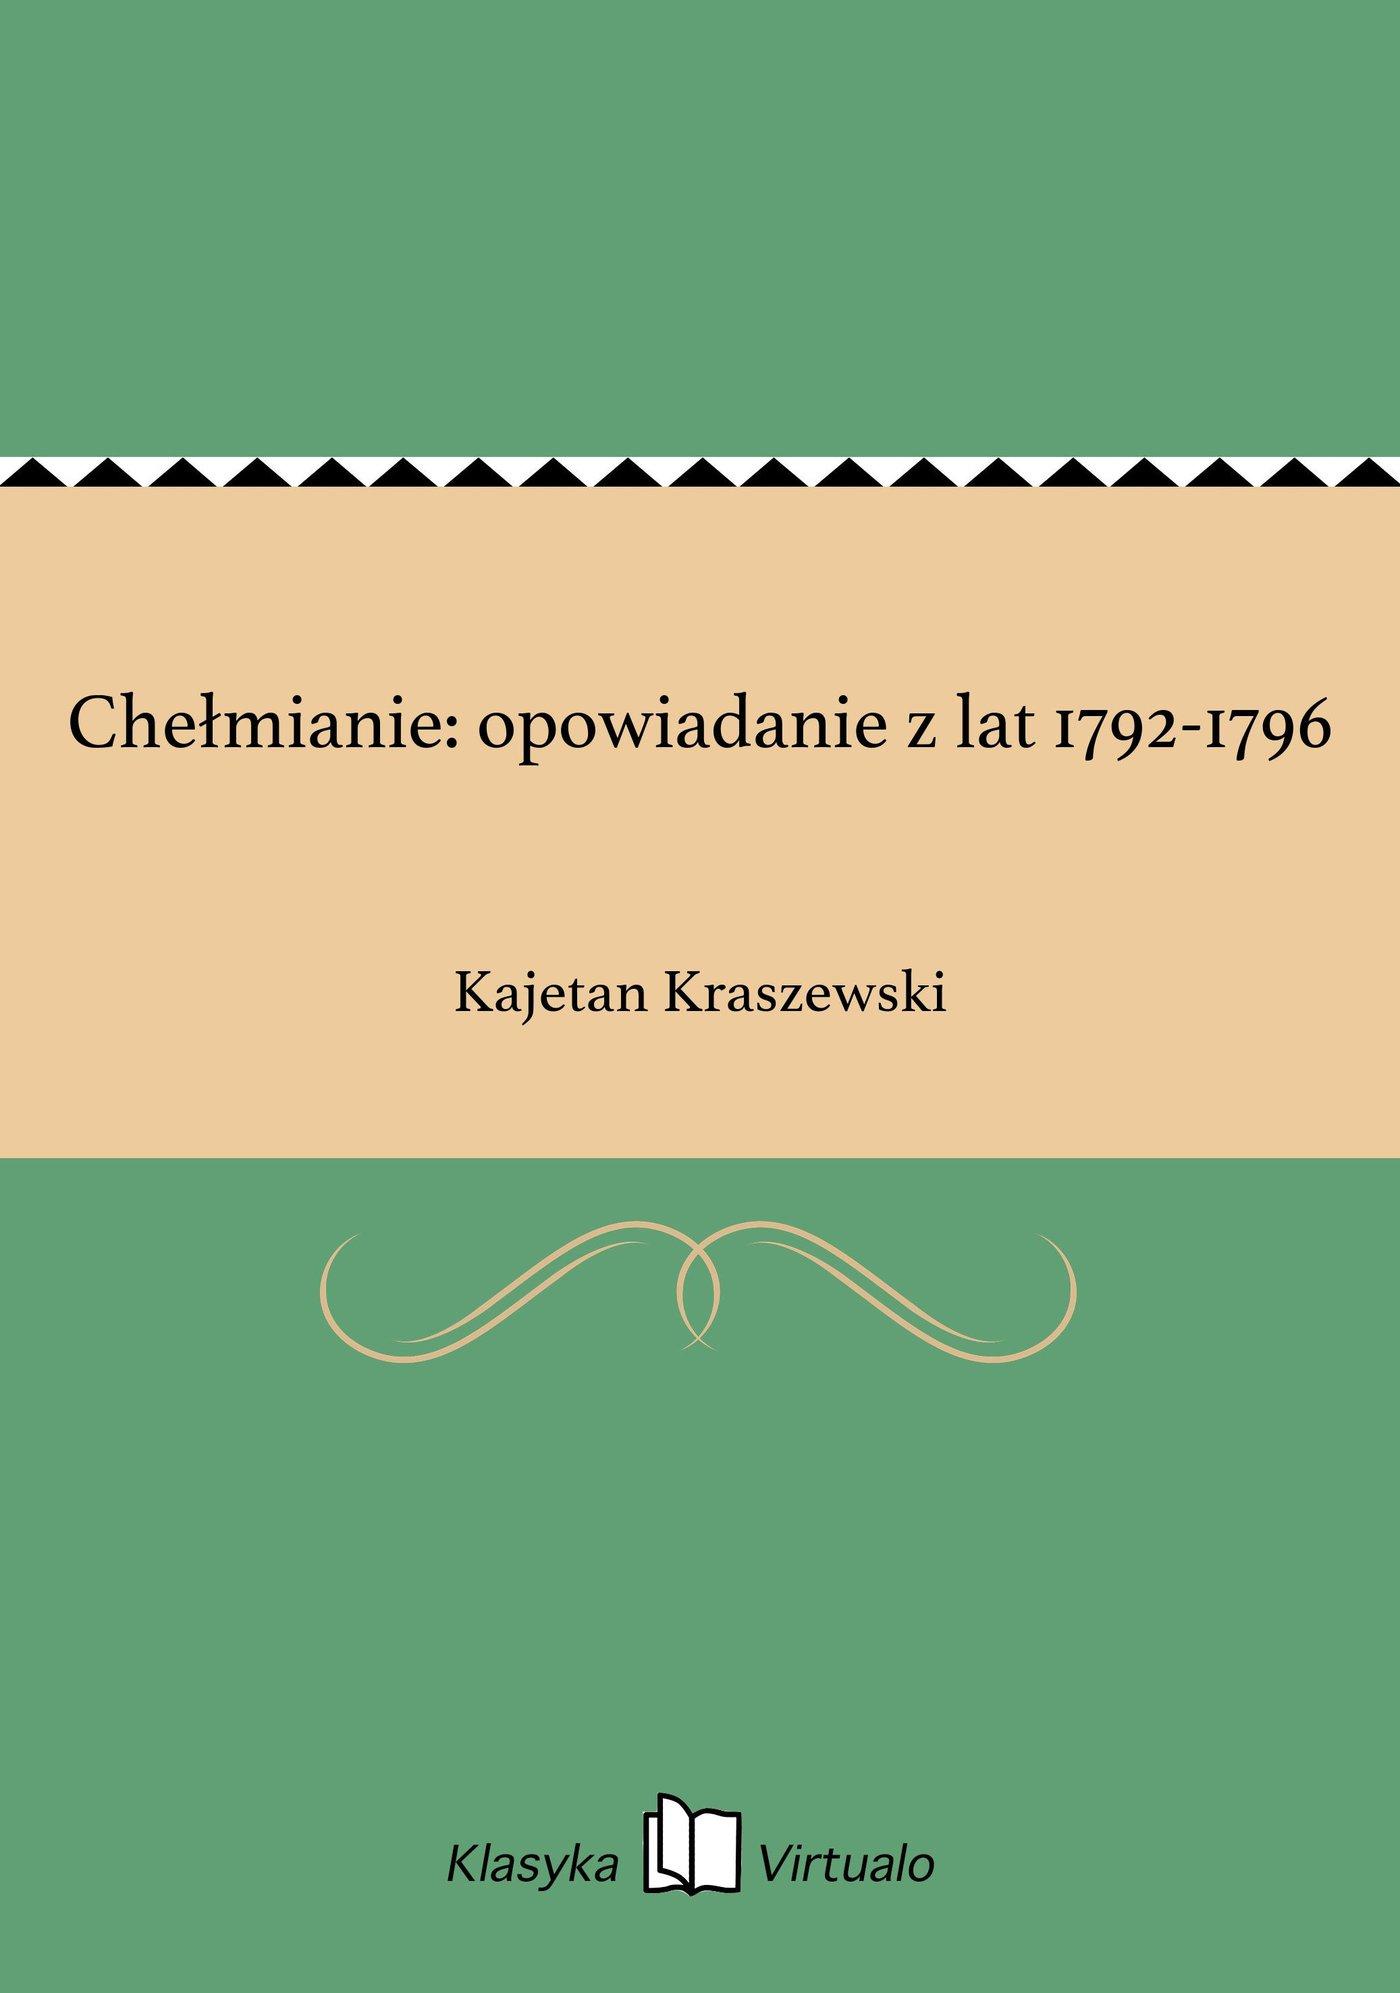 Chełmianie: opowiadanie z lat 1792-1796 - Ebook (Książka EPUB) do pobrania w formacie EPUB